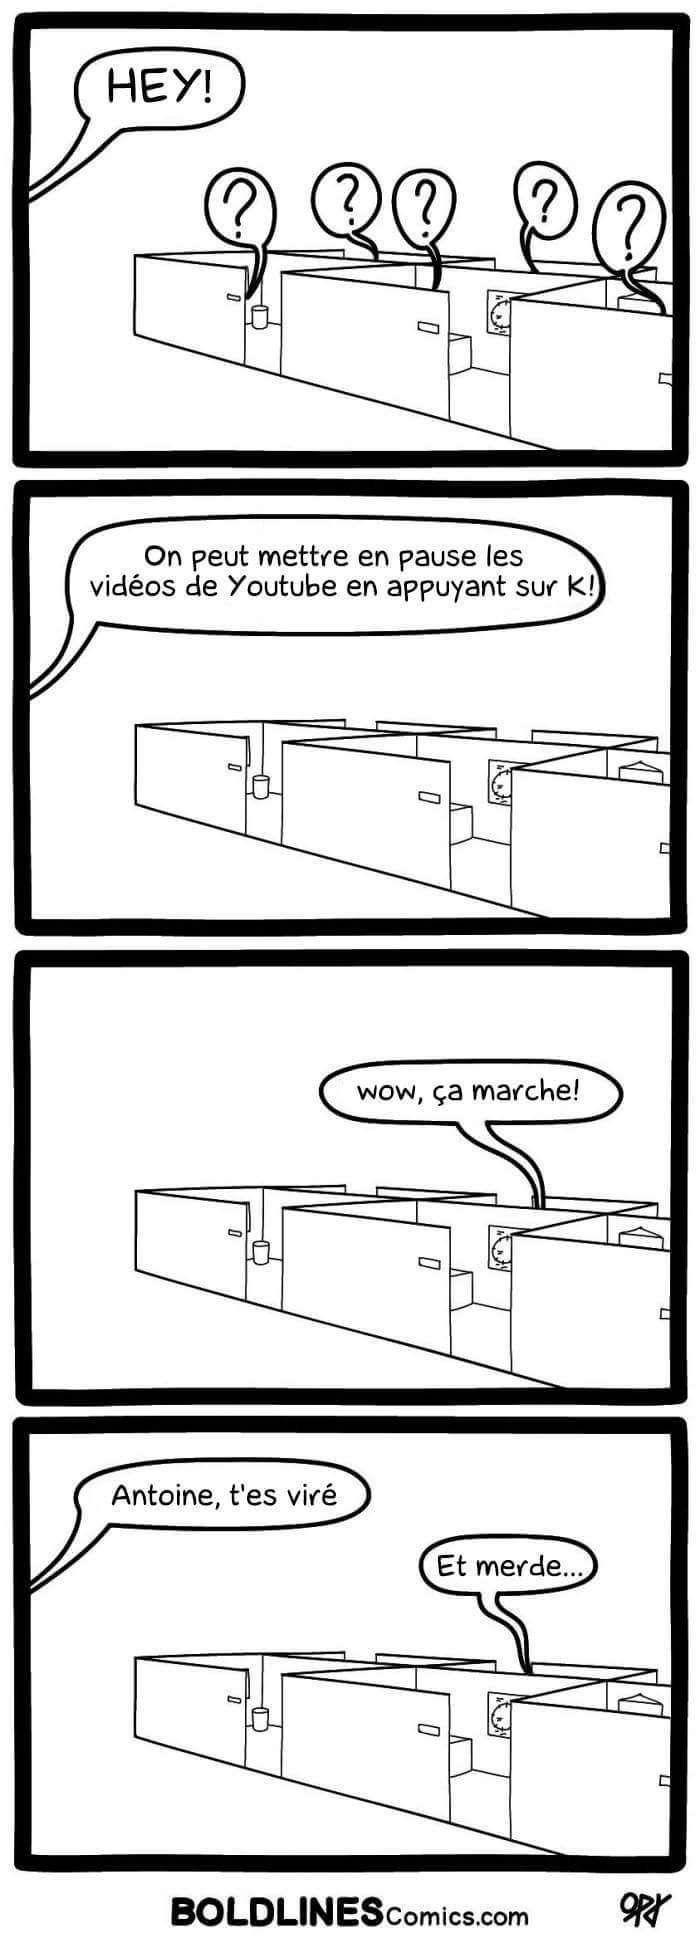 La vie cachée au bureau - meme